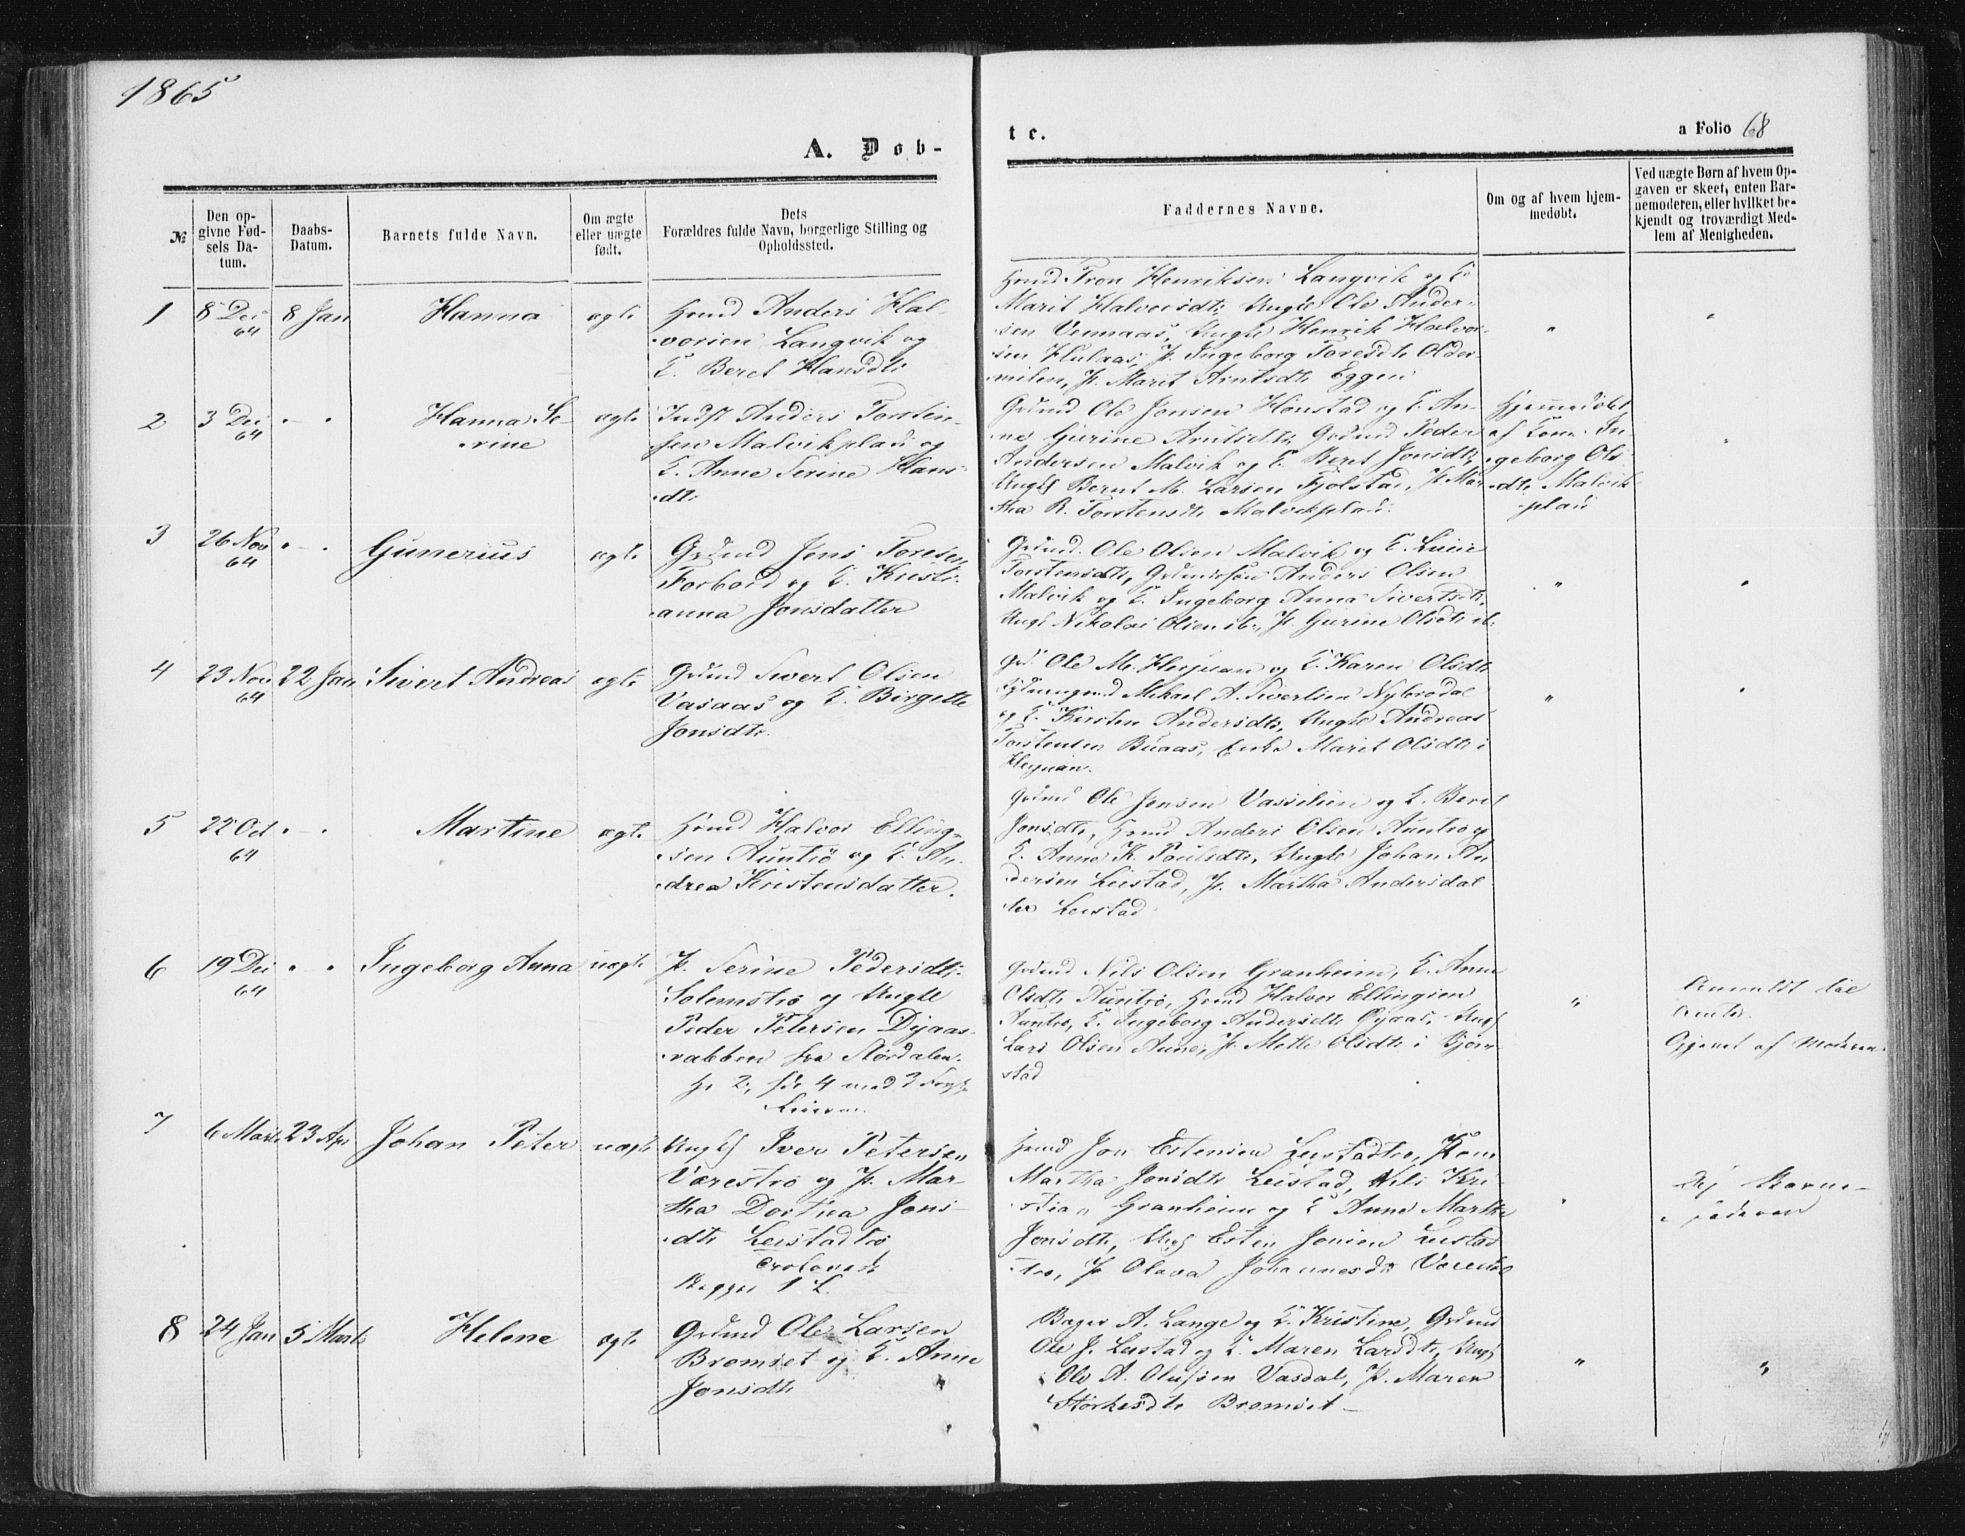 SAT, Ministerialprotokoller, klokkerbøker og fødselsregistre - Sør-Trøndelag, 616/L0408: Ministerialbok nr. 616A05, 1857-1865, s. 68